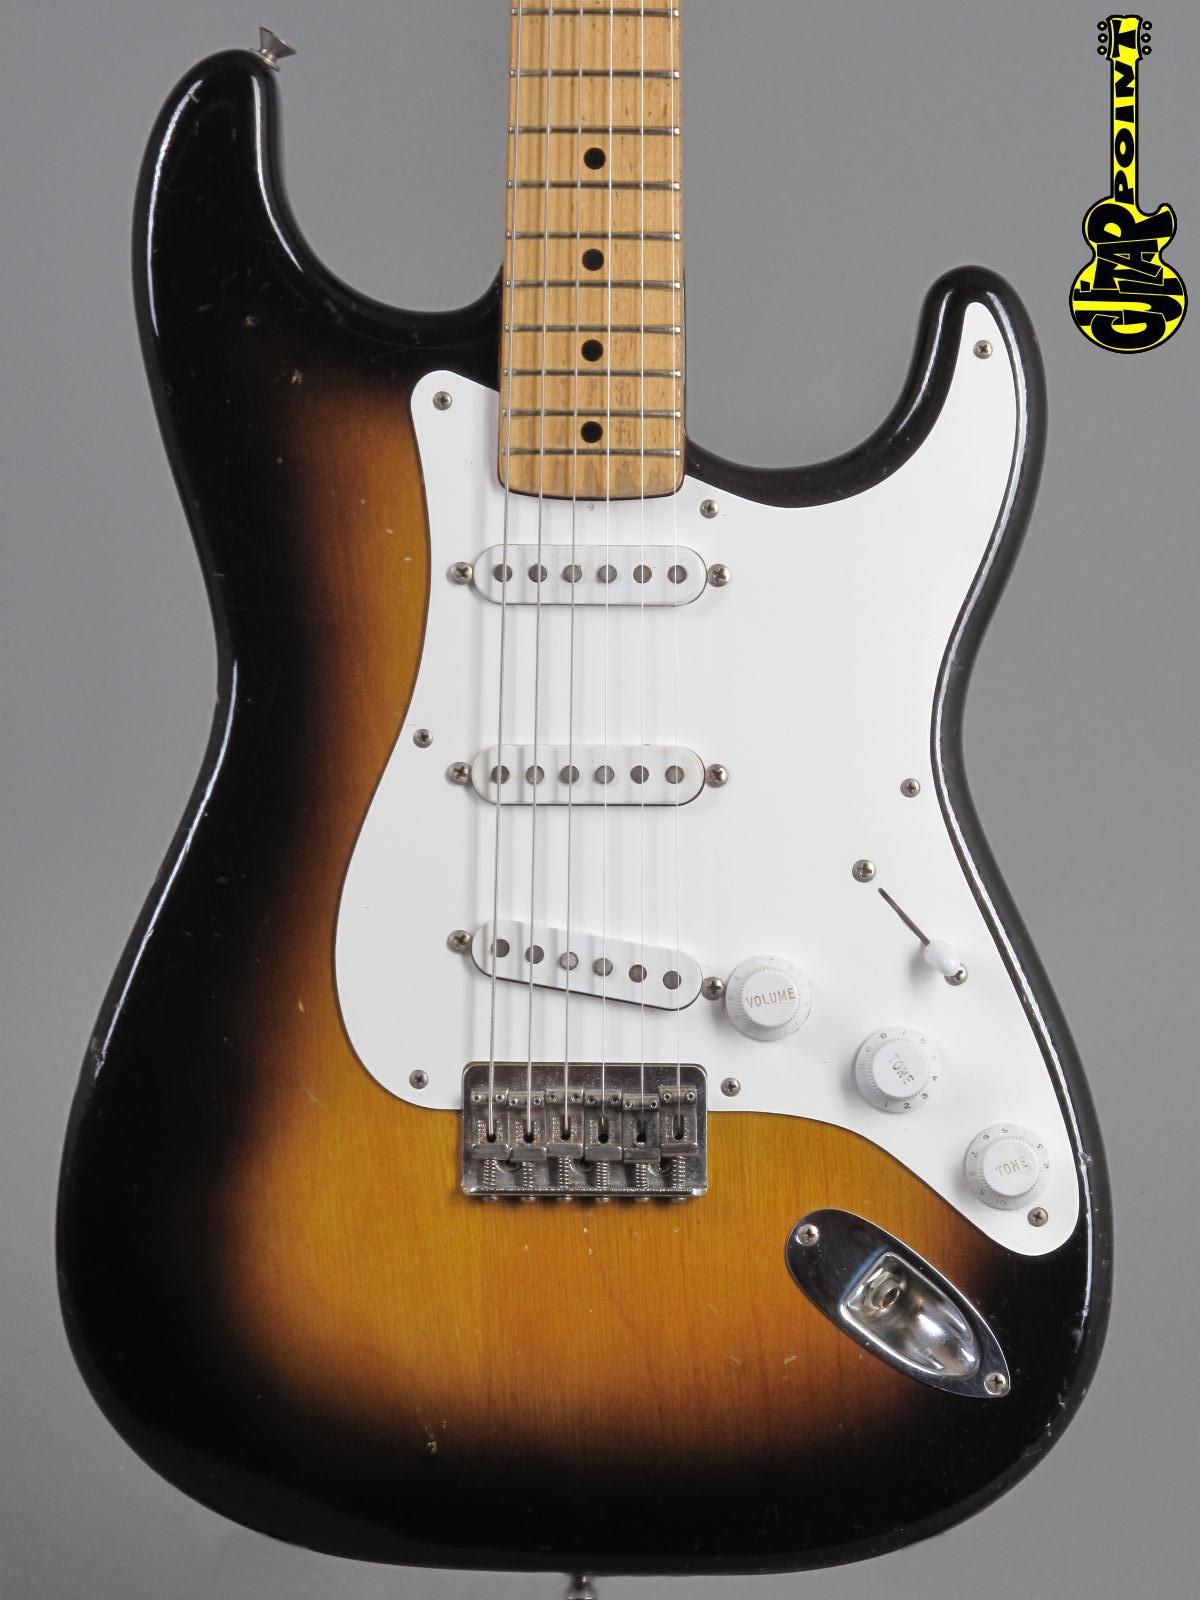 1956 Fender Stratocaster - 2-tone Sunburst / Hardtail